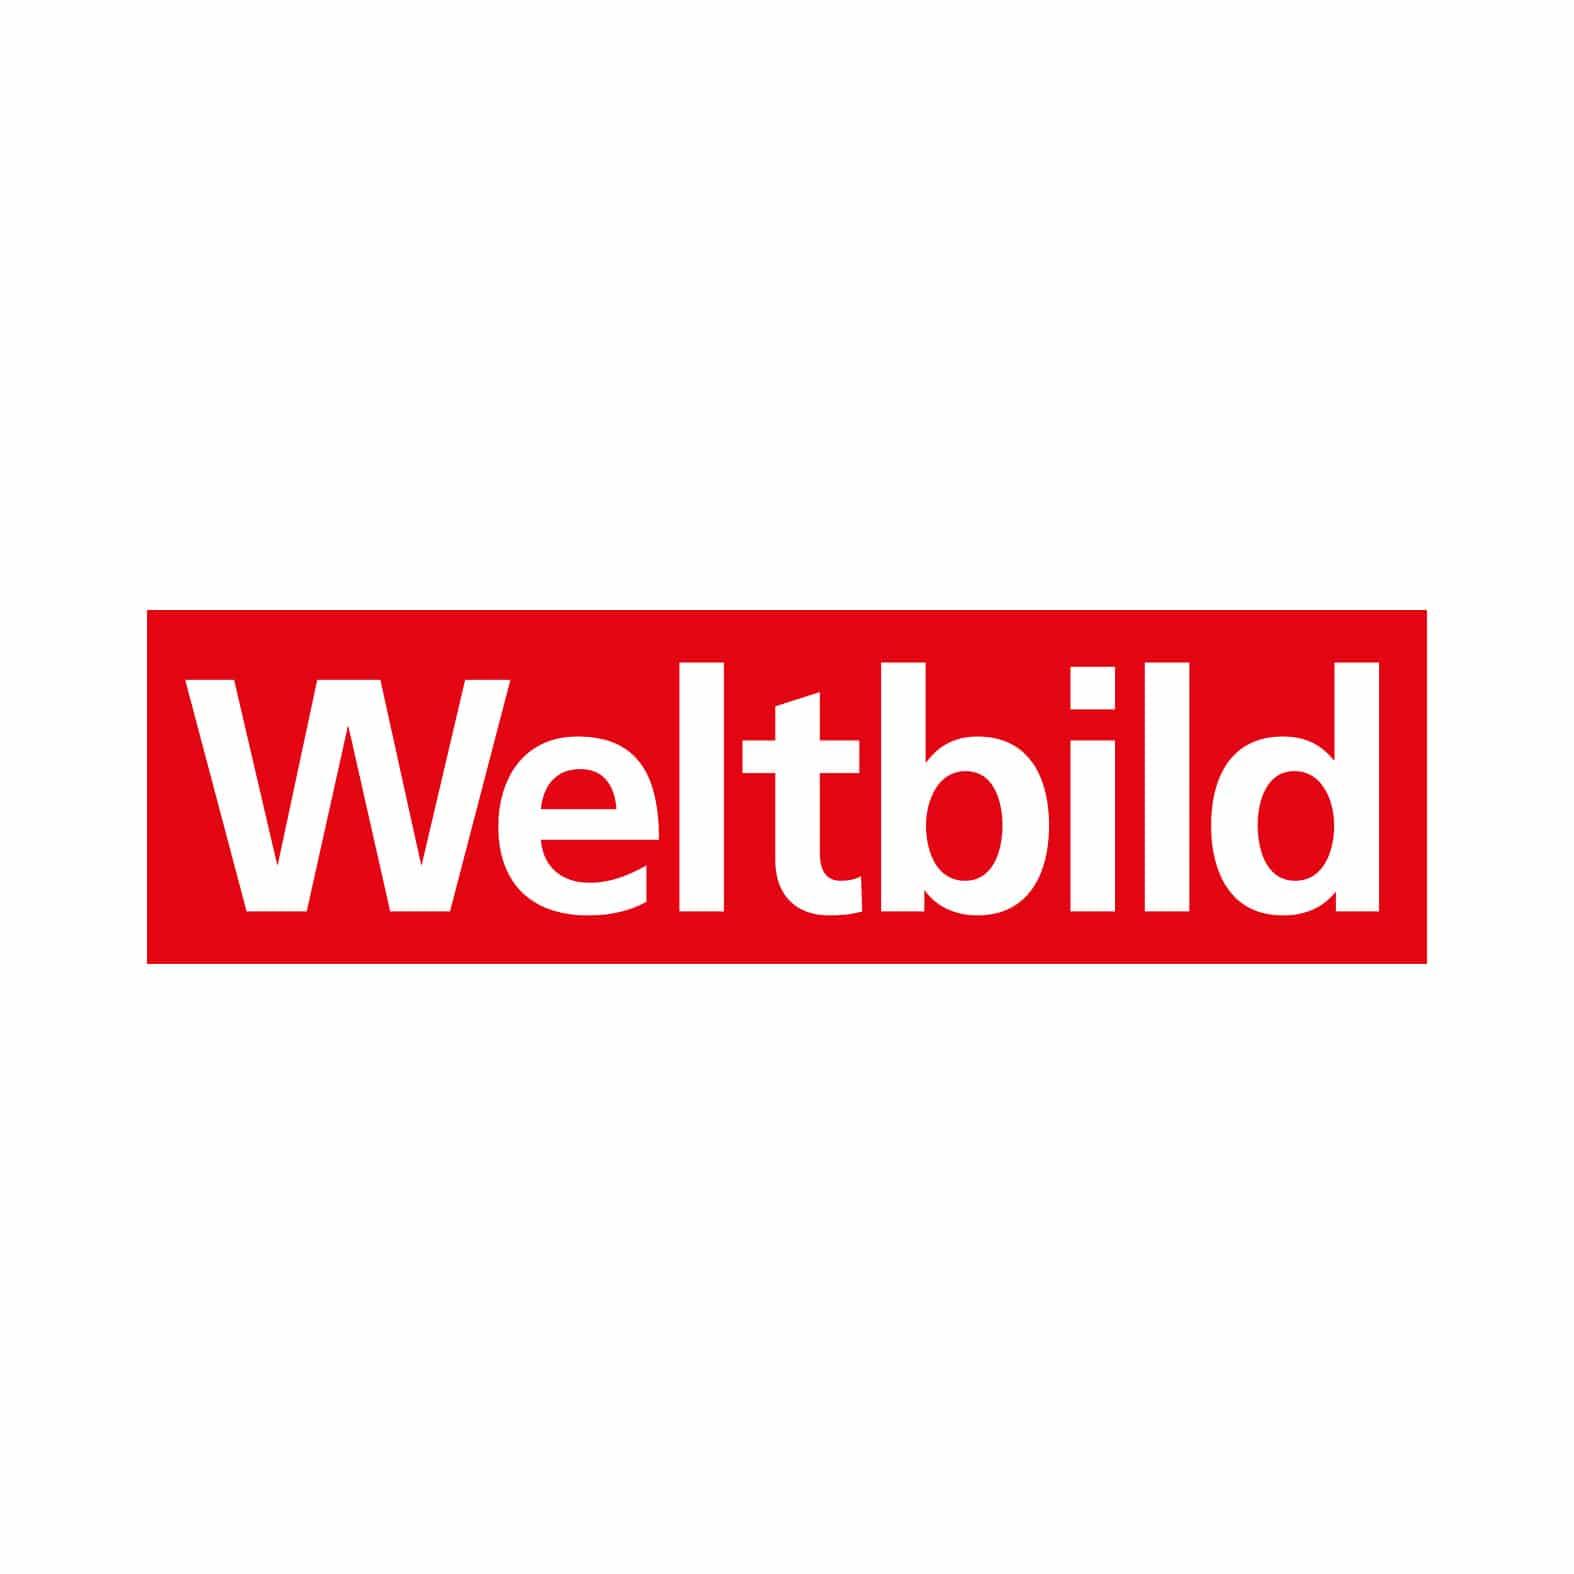 WELTBILD SUCHT MEDIENVERKÄUFER (m/w/d) IN DER WELTBILD FILIALE IN HOFHEIM IN TEILZEIT.